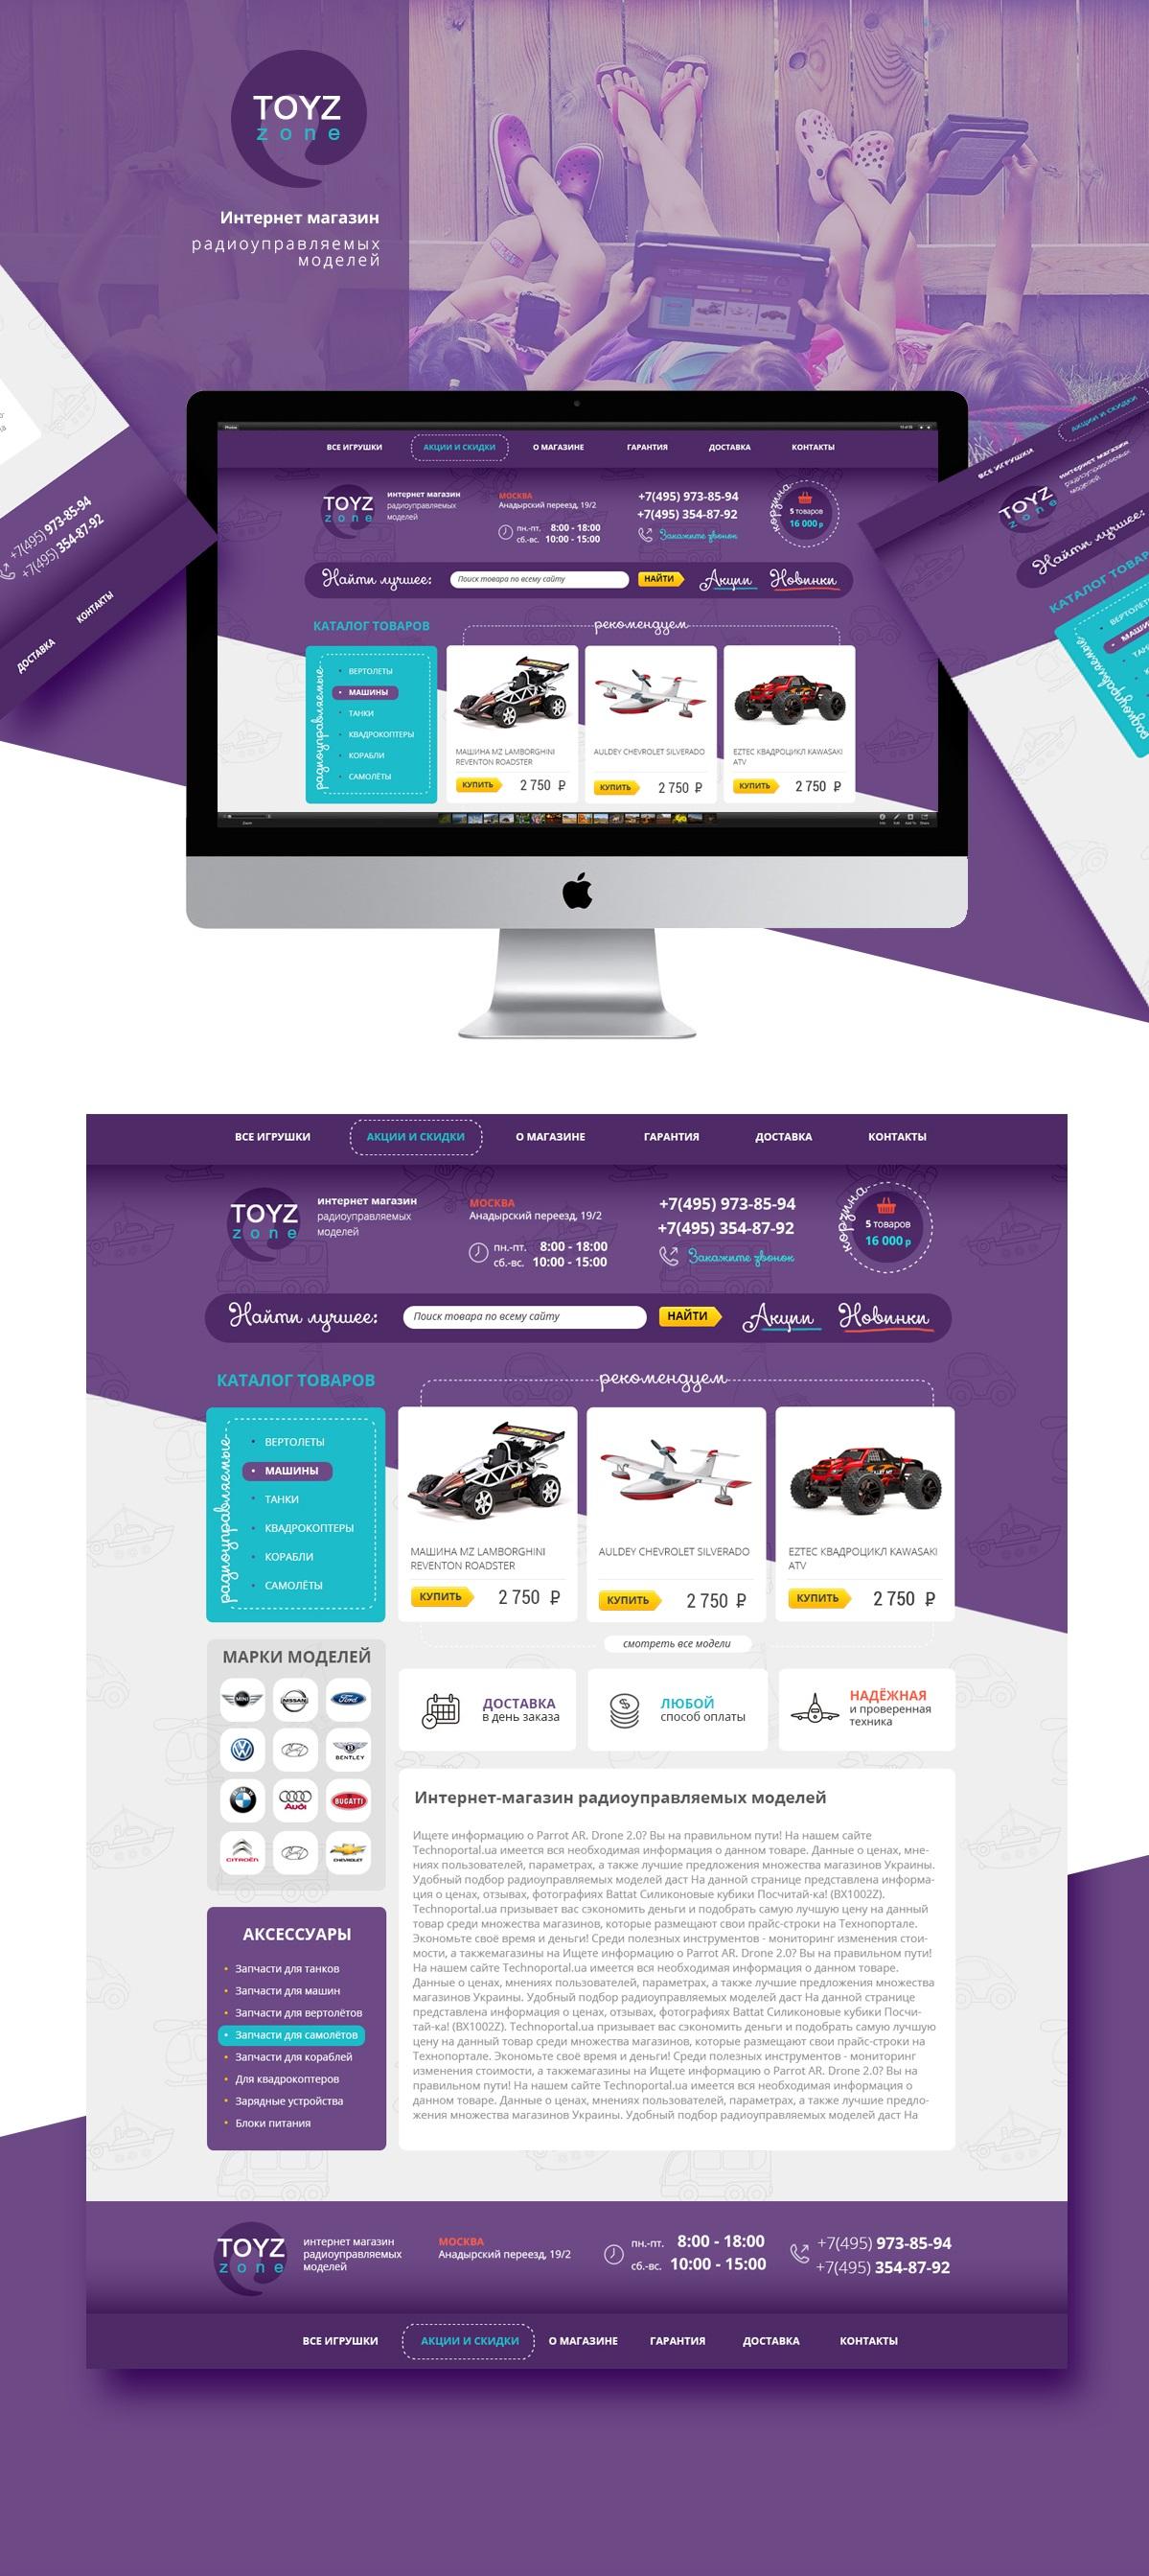 Интернет-магазин радиоуправляемых игрушек